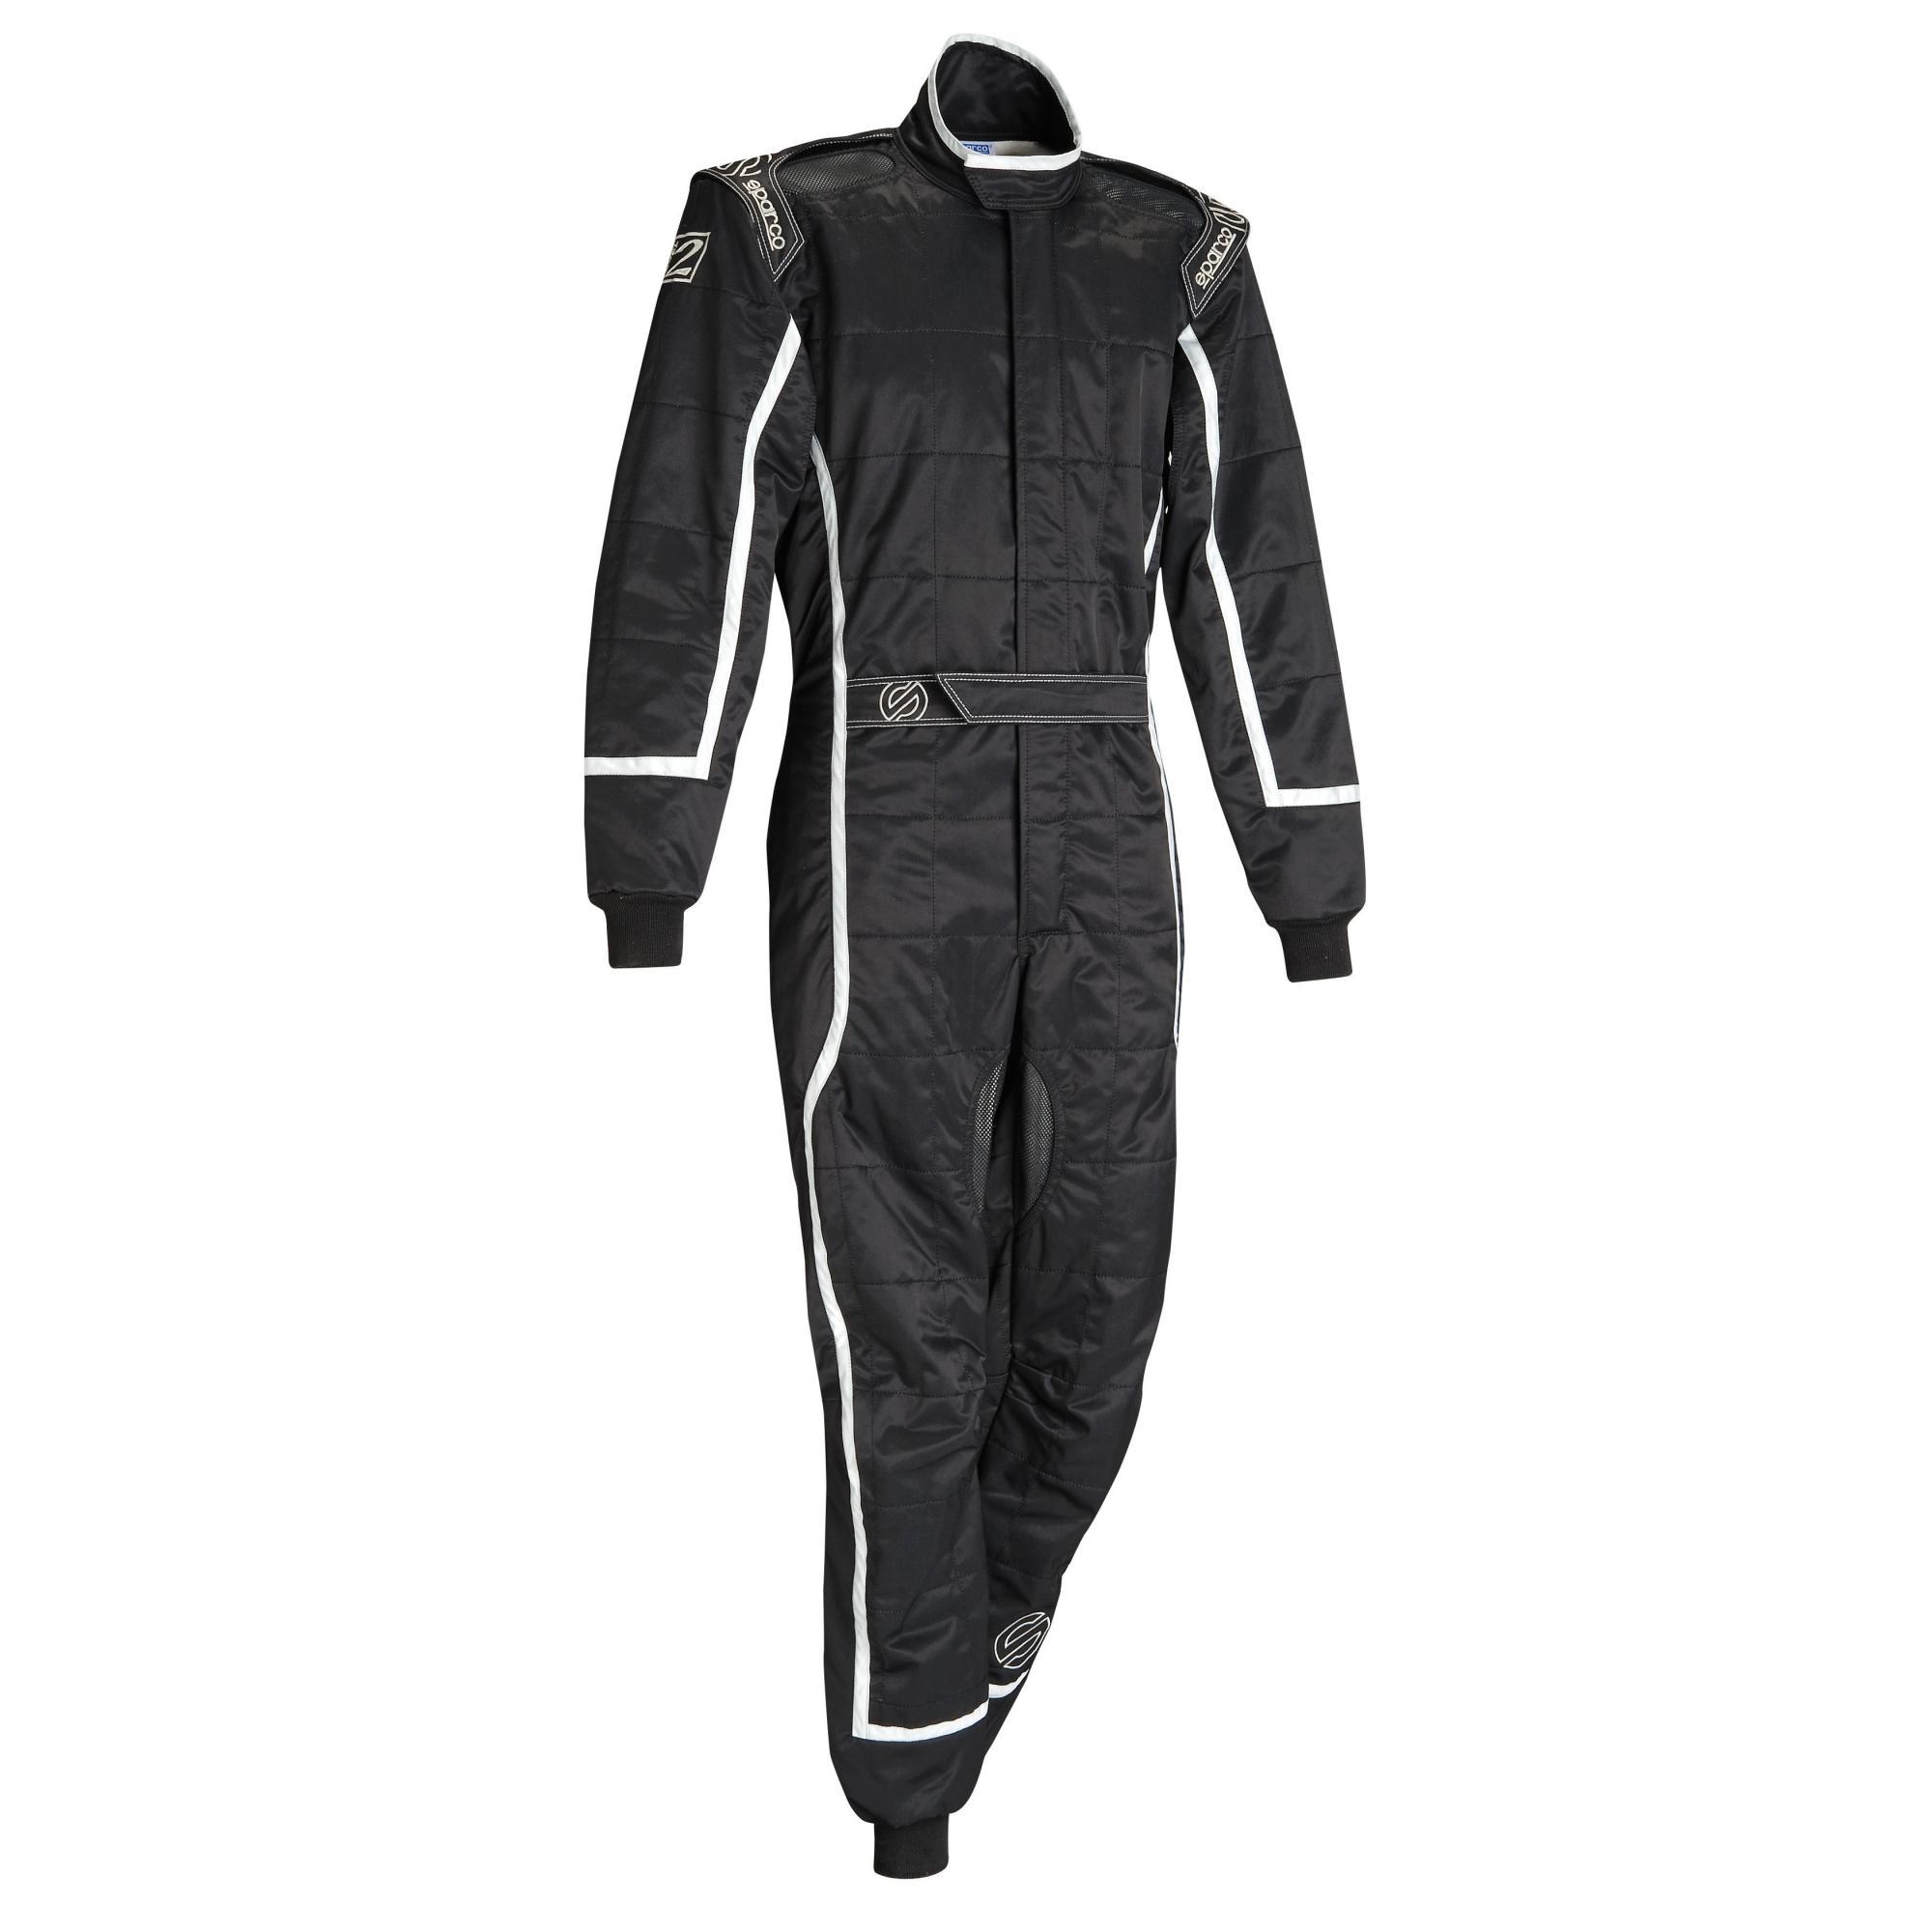 Sparco Racing Suits Sparco Rookie K-3 Kart Racing